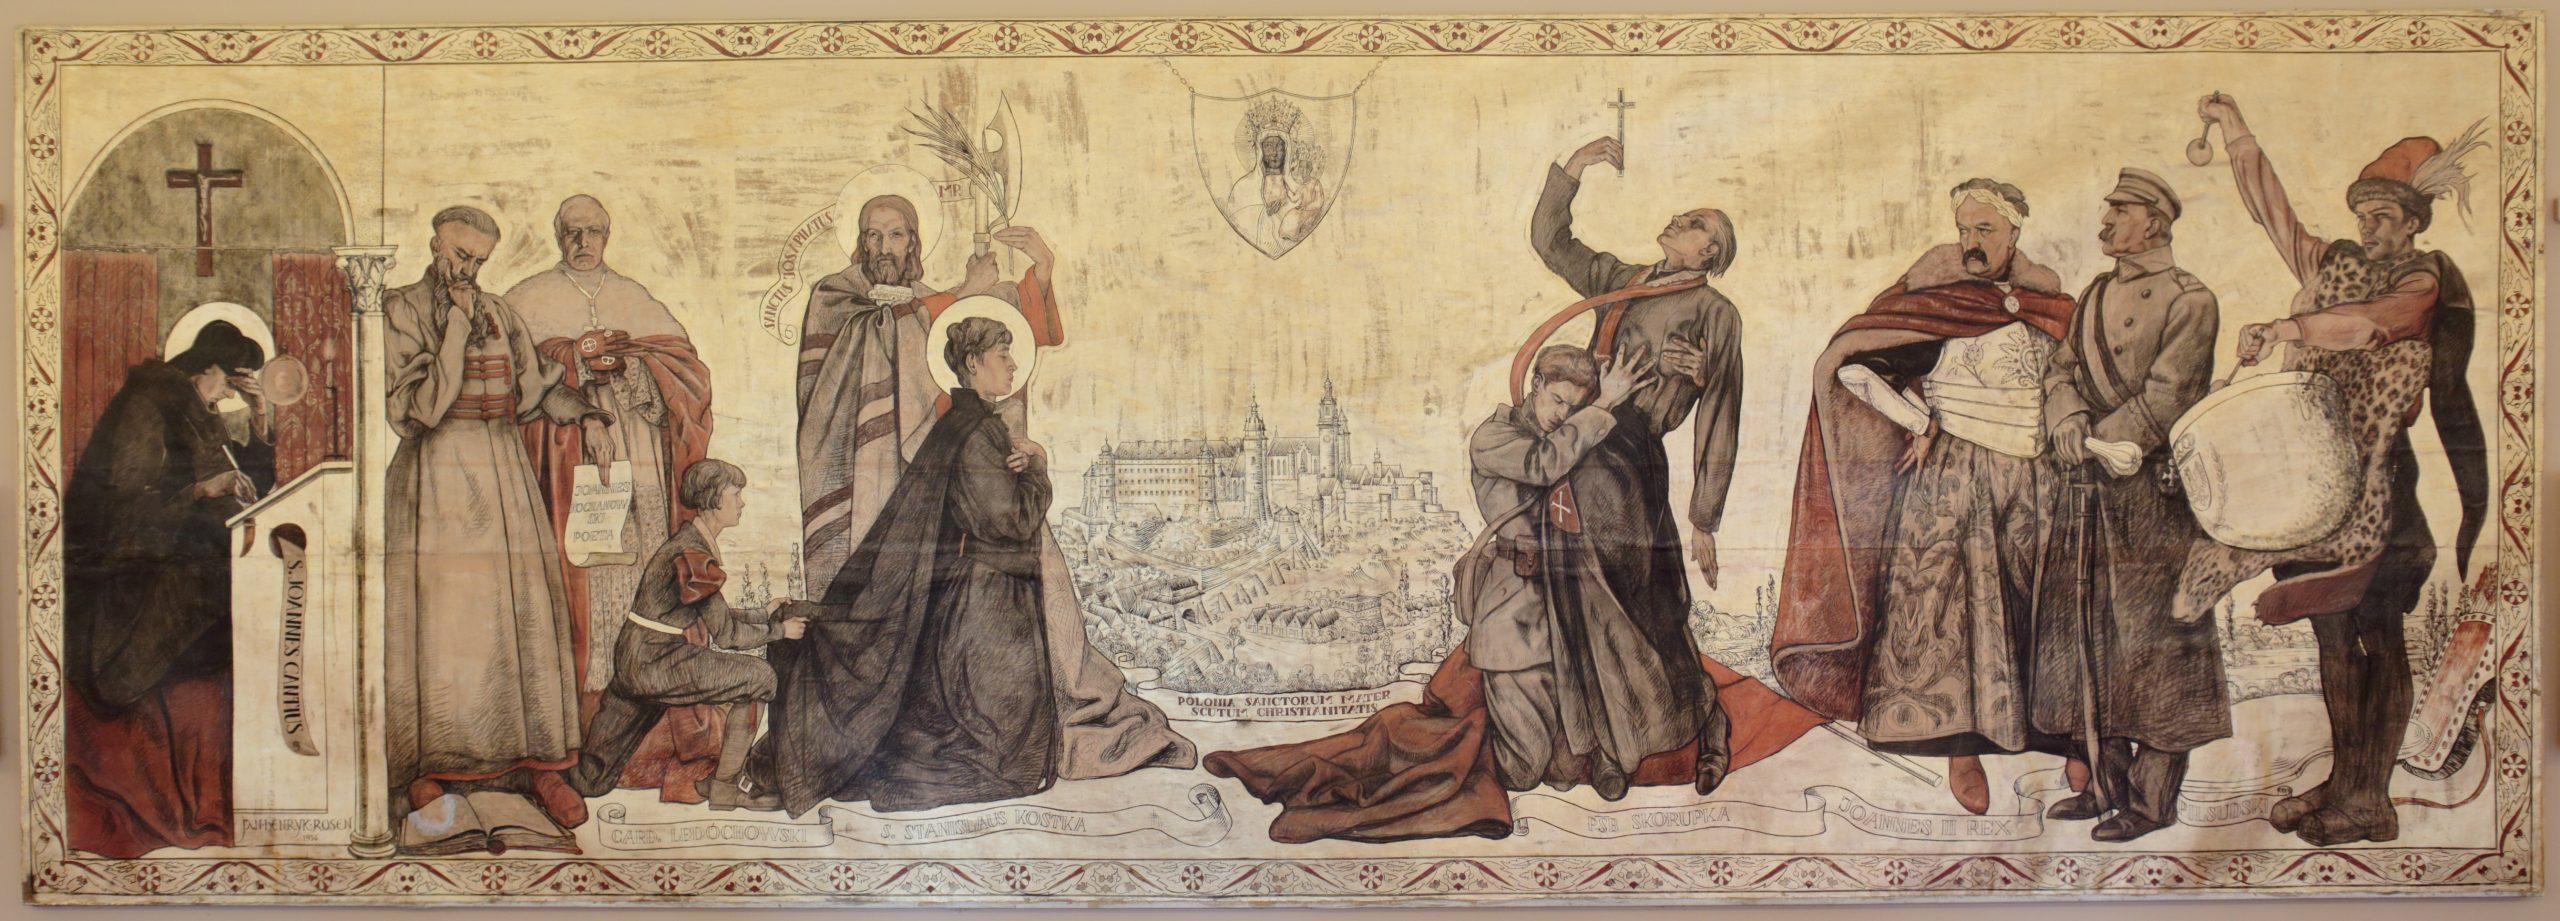 Obraz przedstawia jedenaście postaci rozmieszczonych w dwóch grupach po obu stronach przedstawionego centralnie, konturowego, opartego na XVII-wiecznym przekazie graficznym przedstawienia Wawelu, ponad którym widnieje ryngraf z wizerunkiem Matki Boskiej Częstochowskiej.